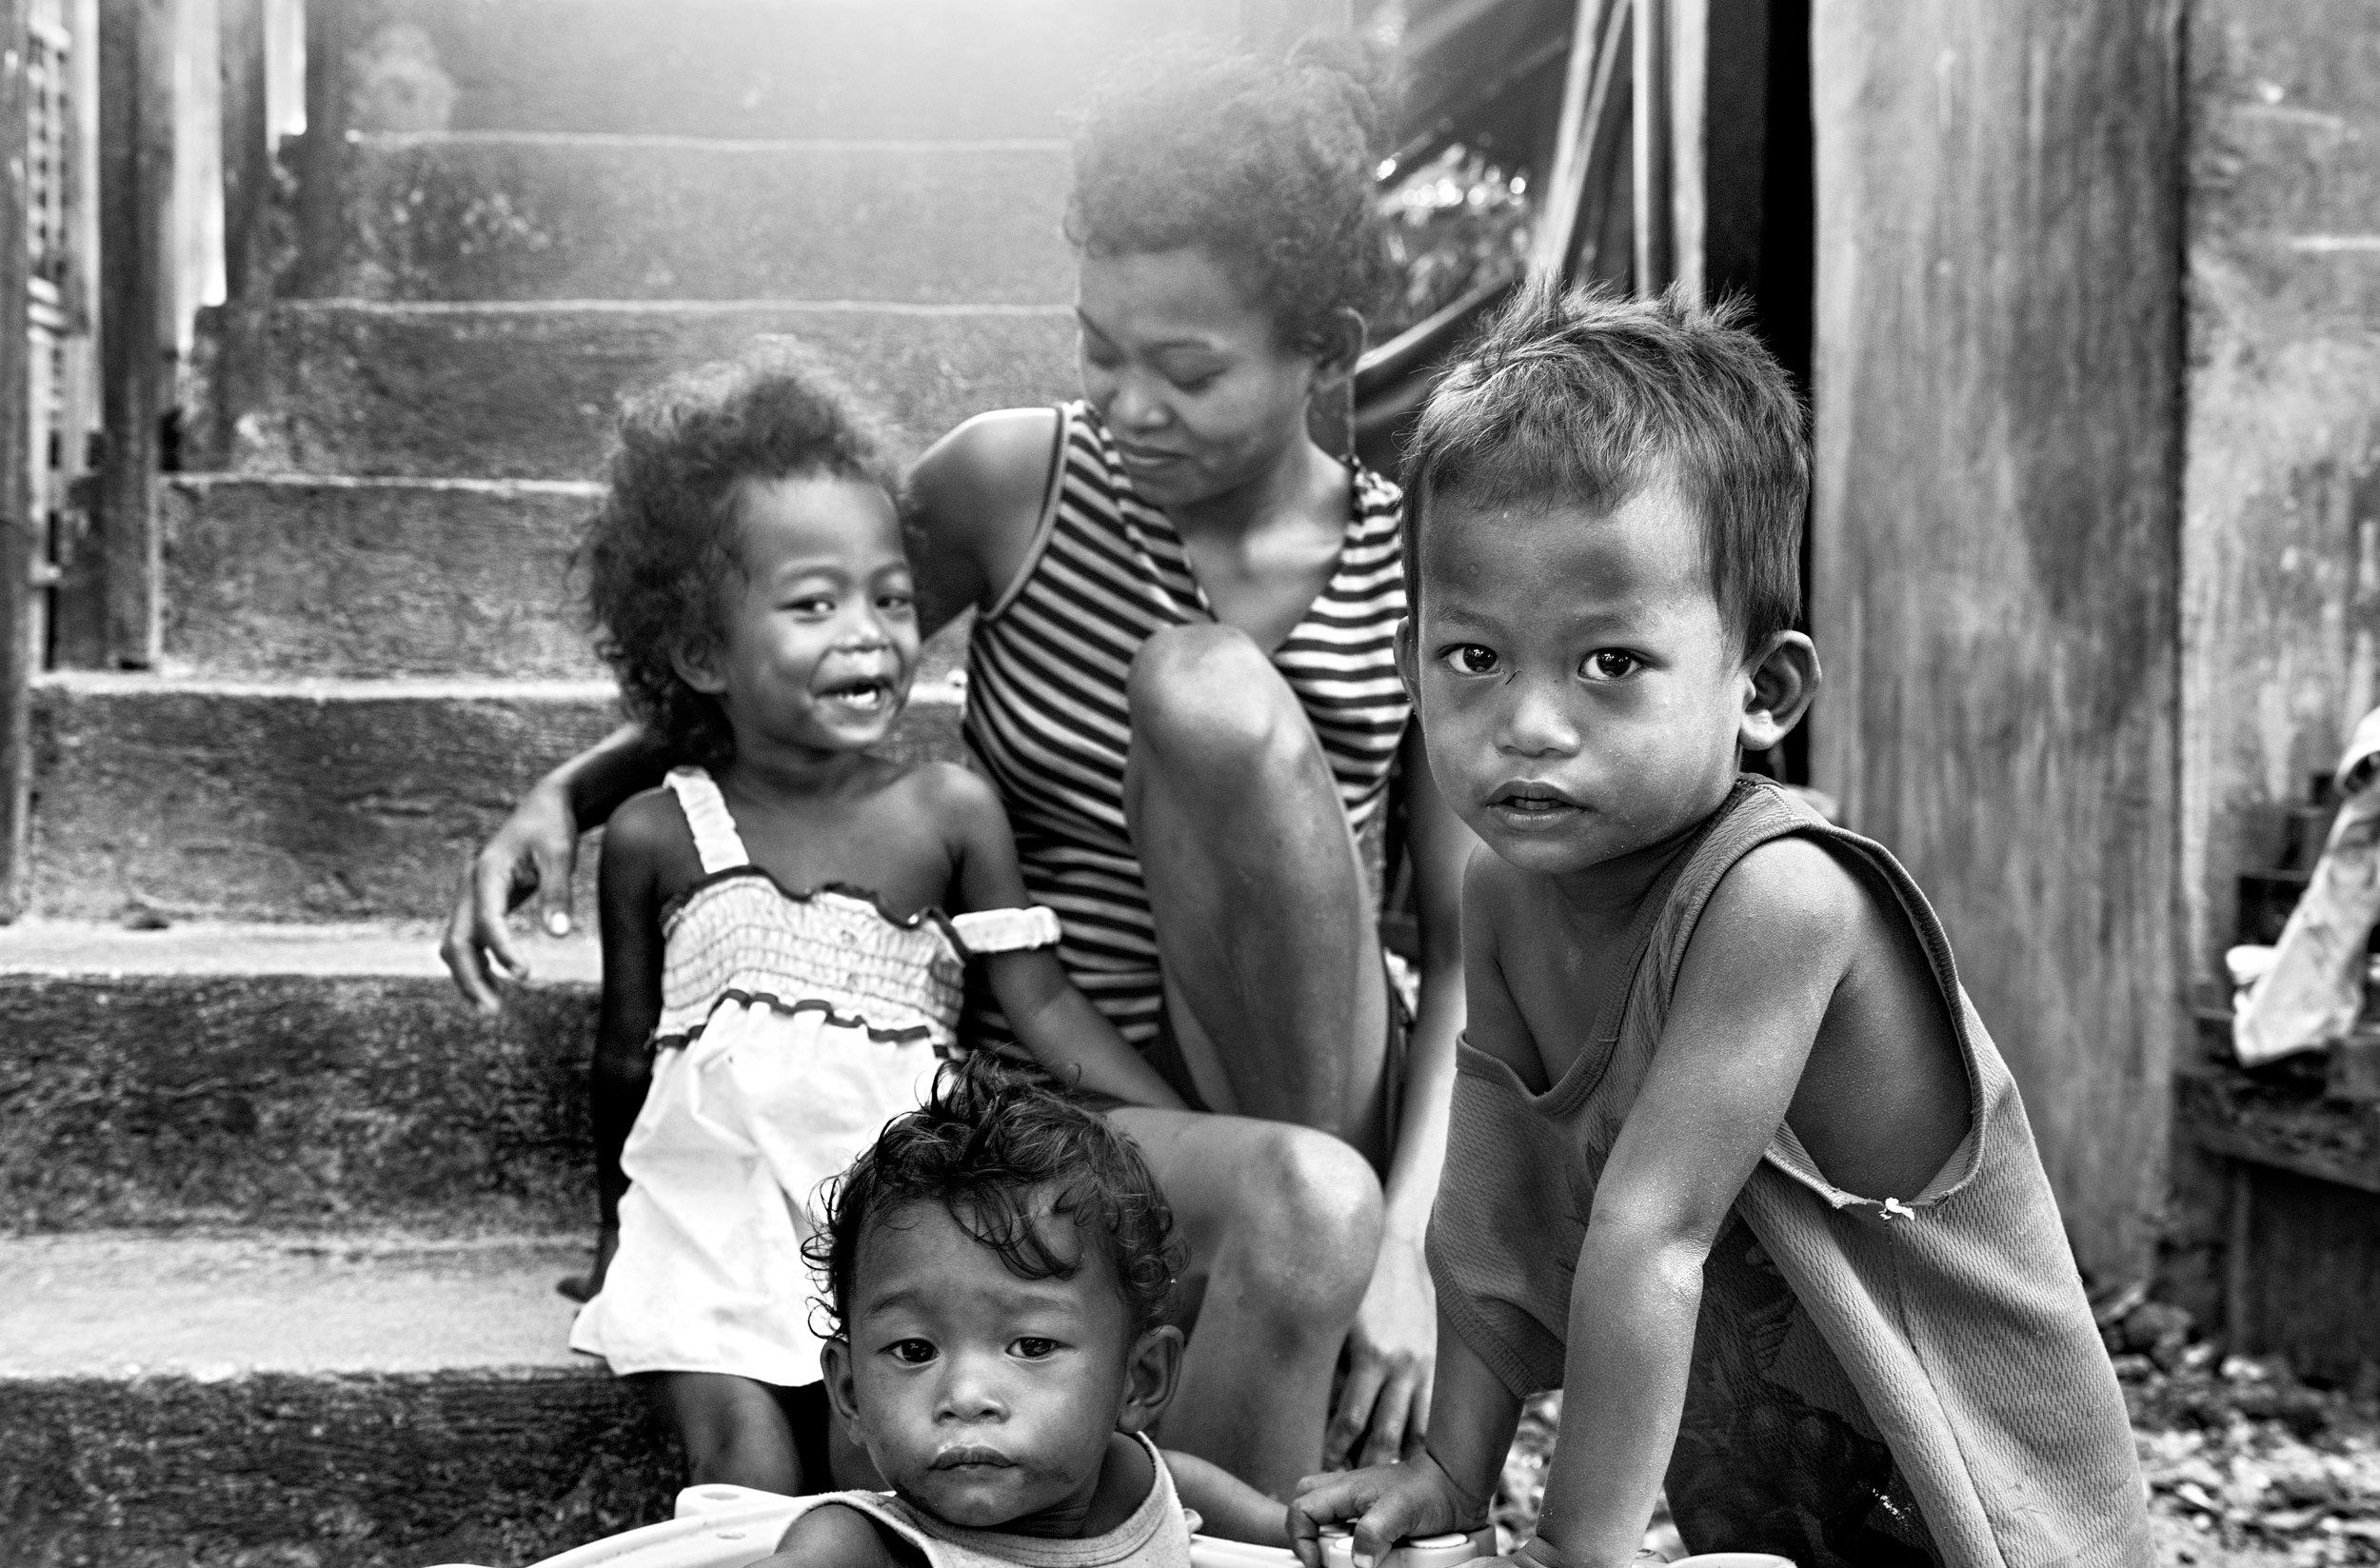 Children of the Ati